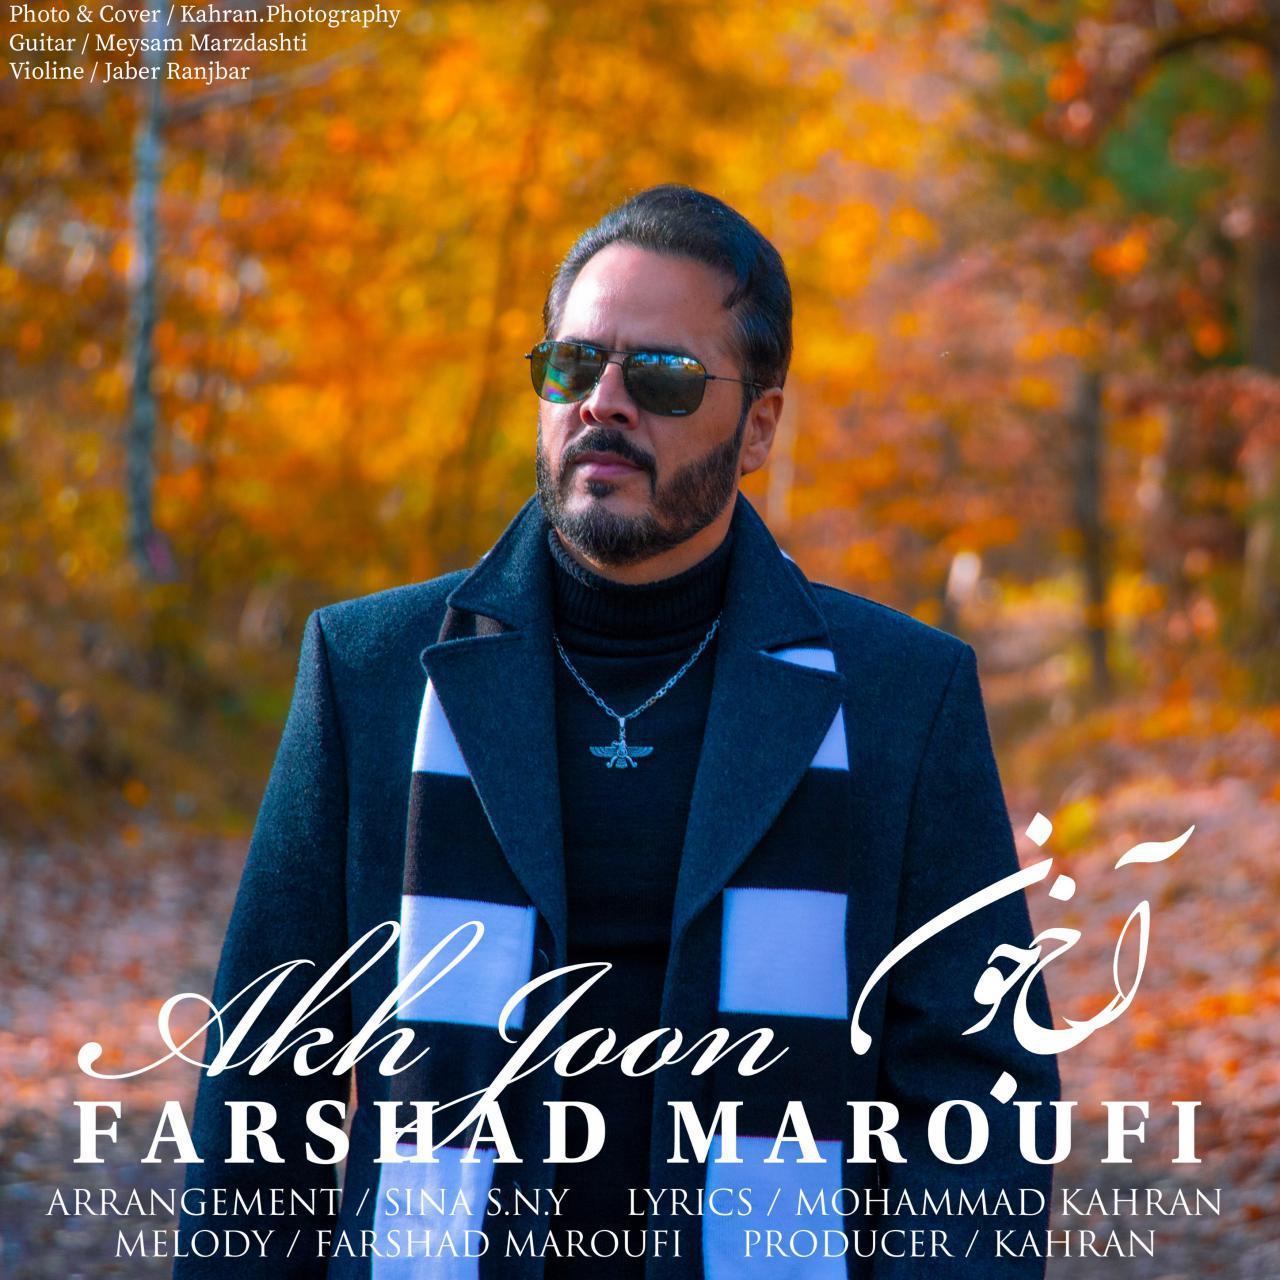 Farshad Maroufi – Akh Joon